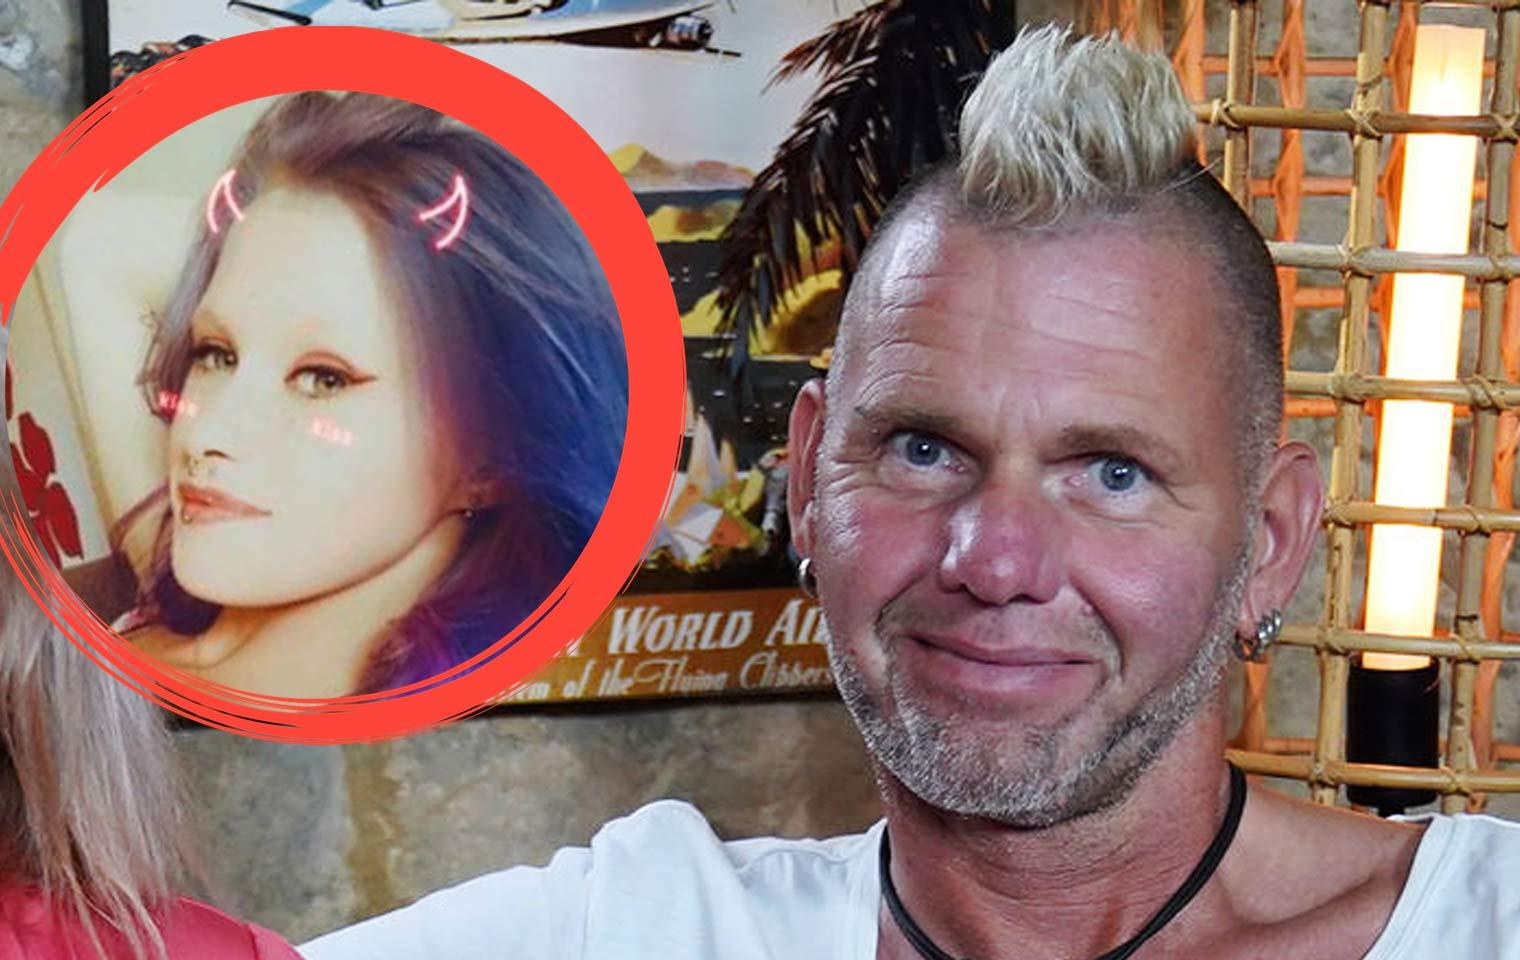 Bauer sucht Frau-Thomas: Freundin Jessy 28 Jahre jünger!